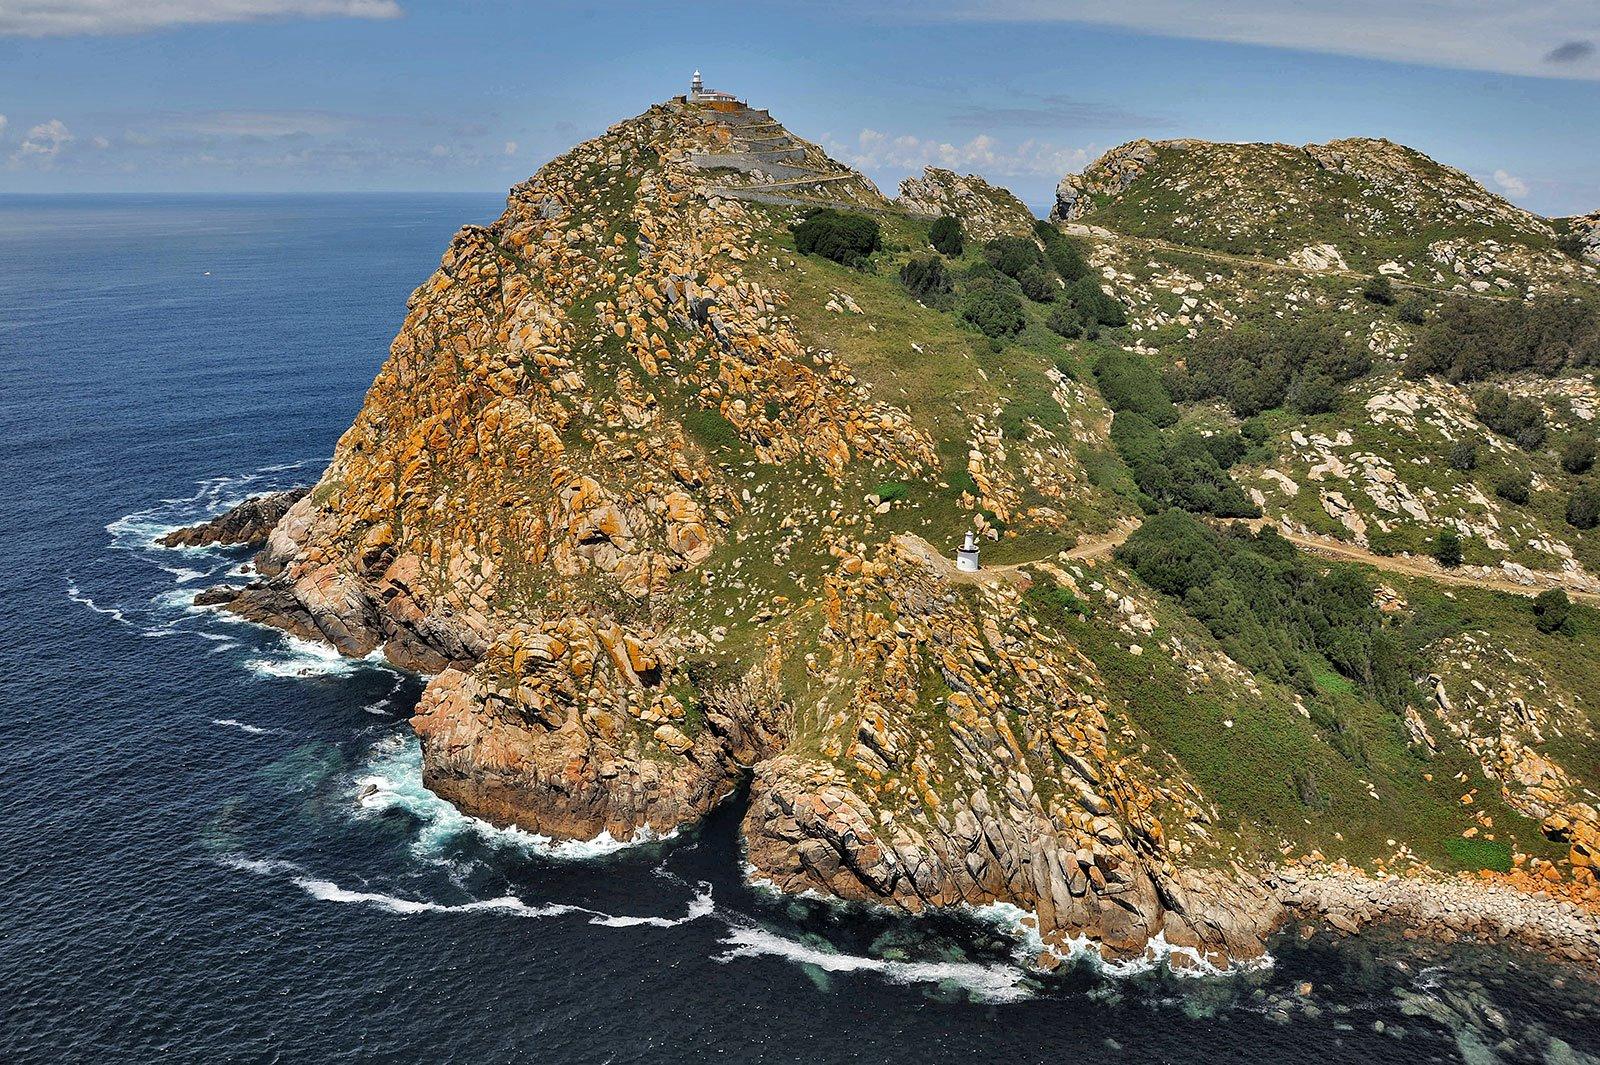 Islas Cíes. Puerto de Vigo, Cangas y Baiona